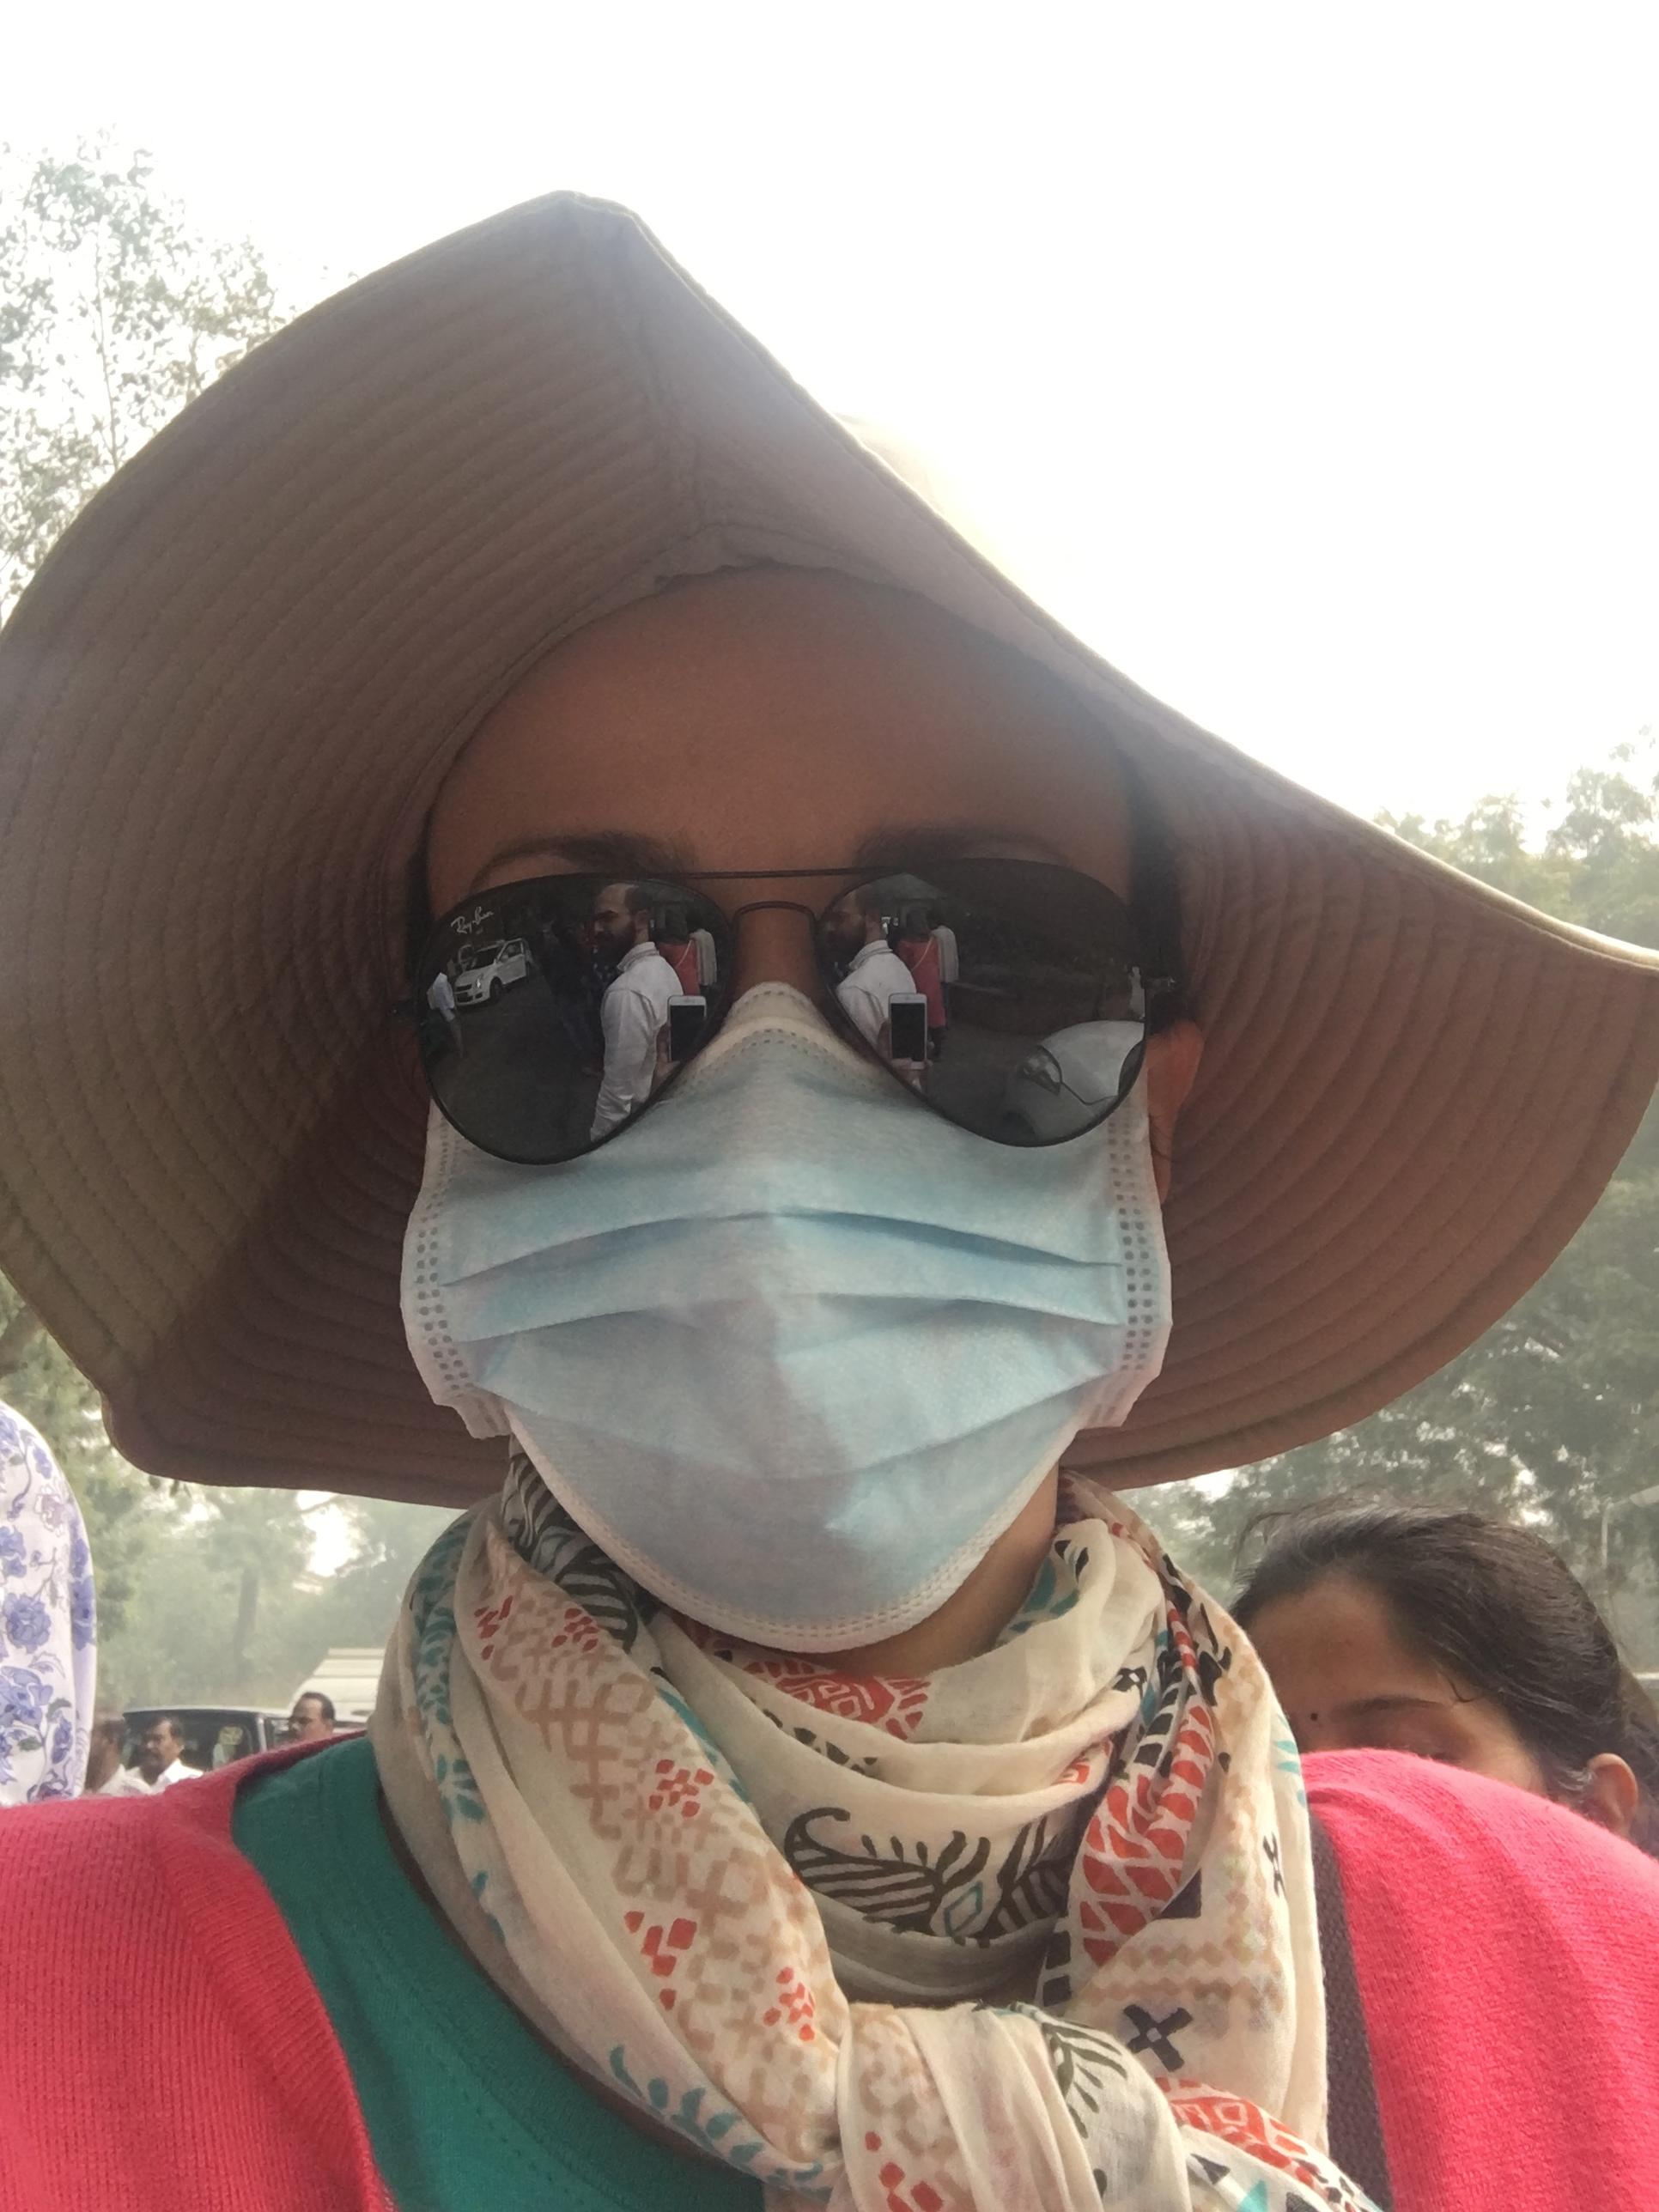 Levei algumas máscaras cirúrgicas para tentar driblar a poluição, mas elas não servem pra isso. Só esquentam e deixam o trabalho de respirar mais difícil. Há umas máscaras próprias para, mas que não encontramos.